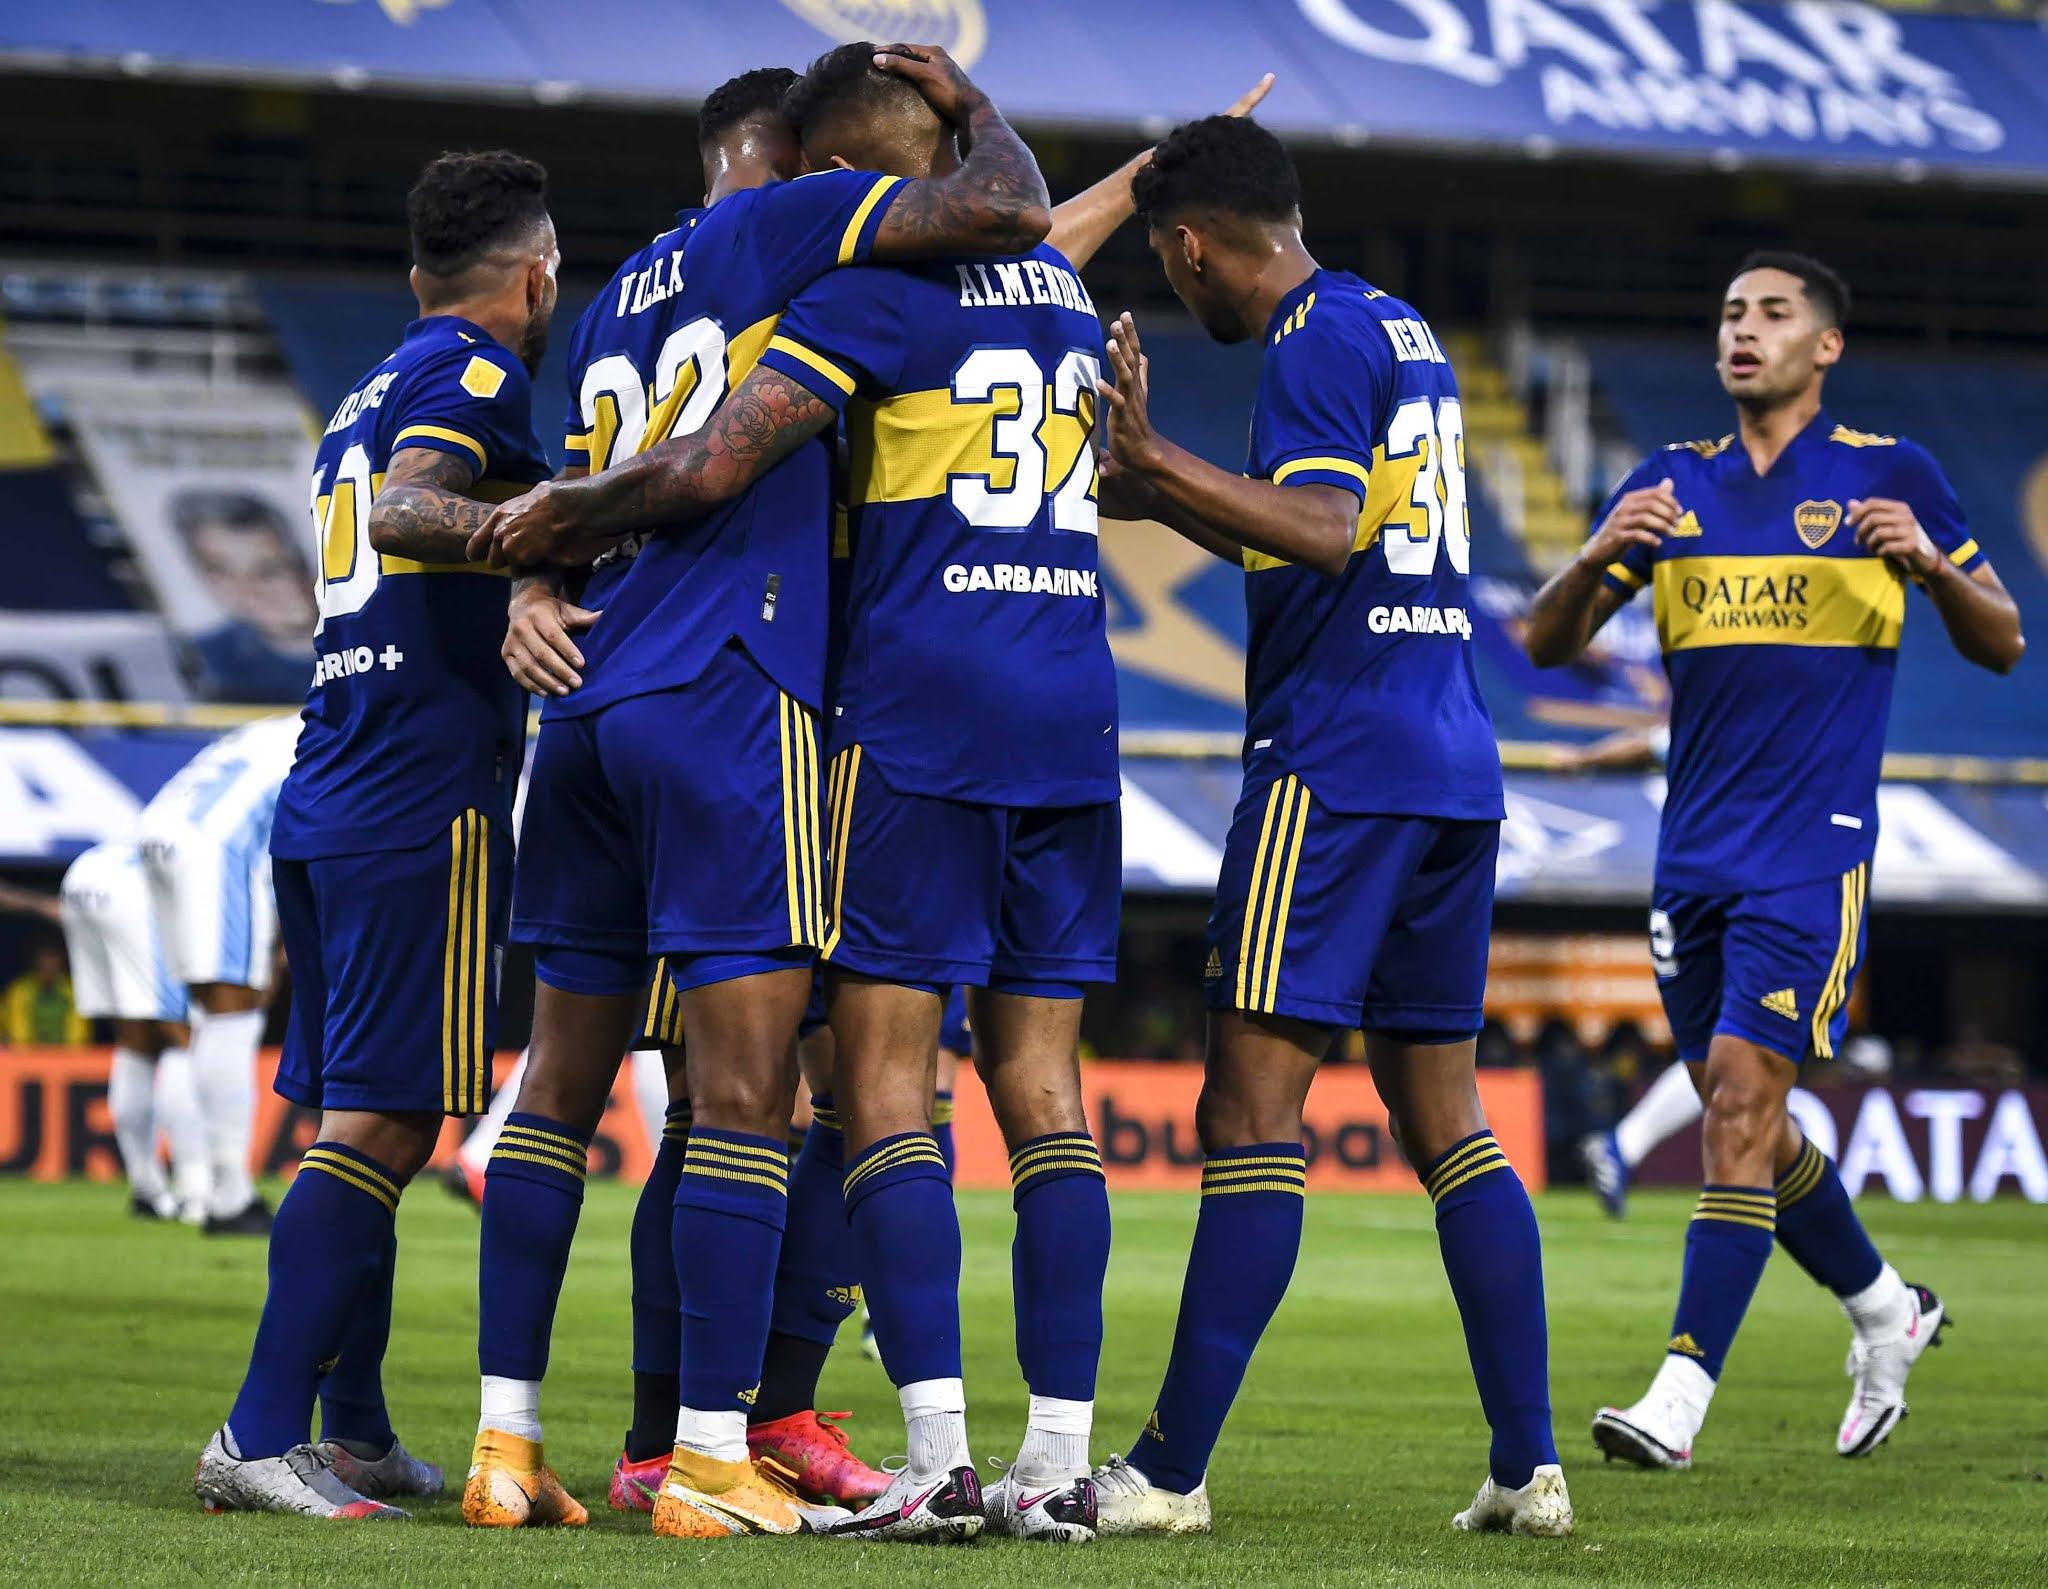 Boca mostró su contundencia frente a Atlético Tucumán y es escolta de Vélez